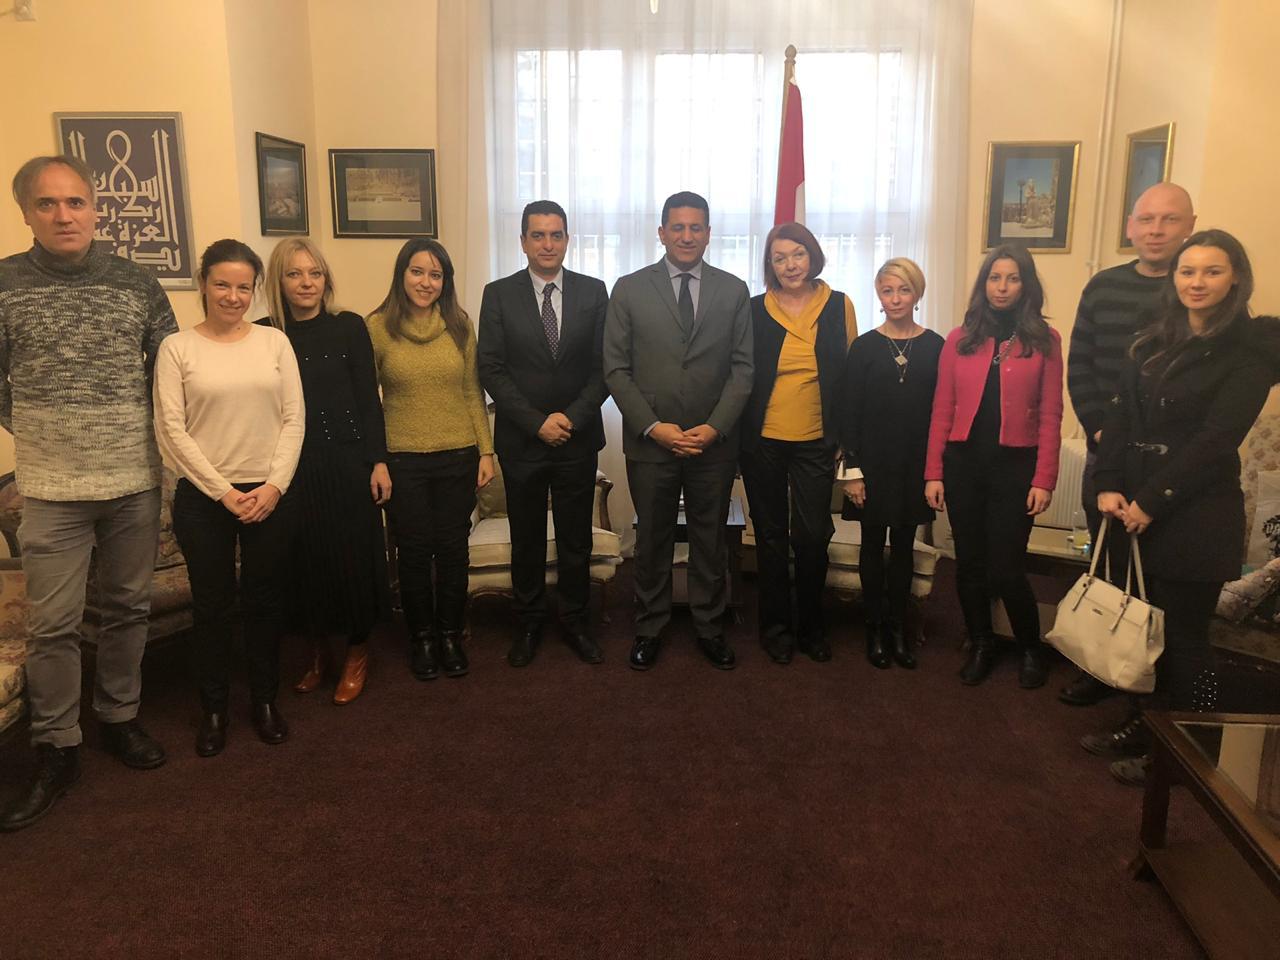 وفد اعلامي صربي مع السفير المصري